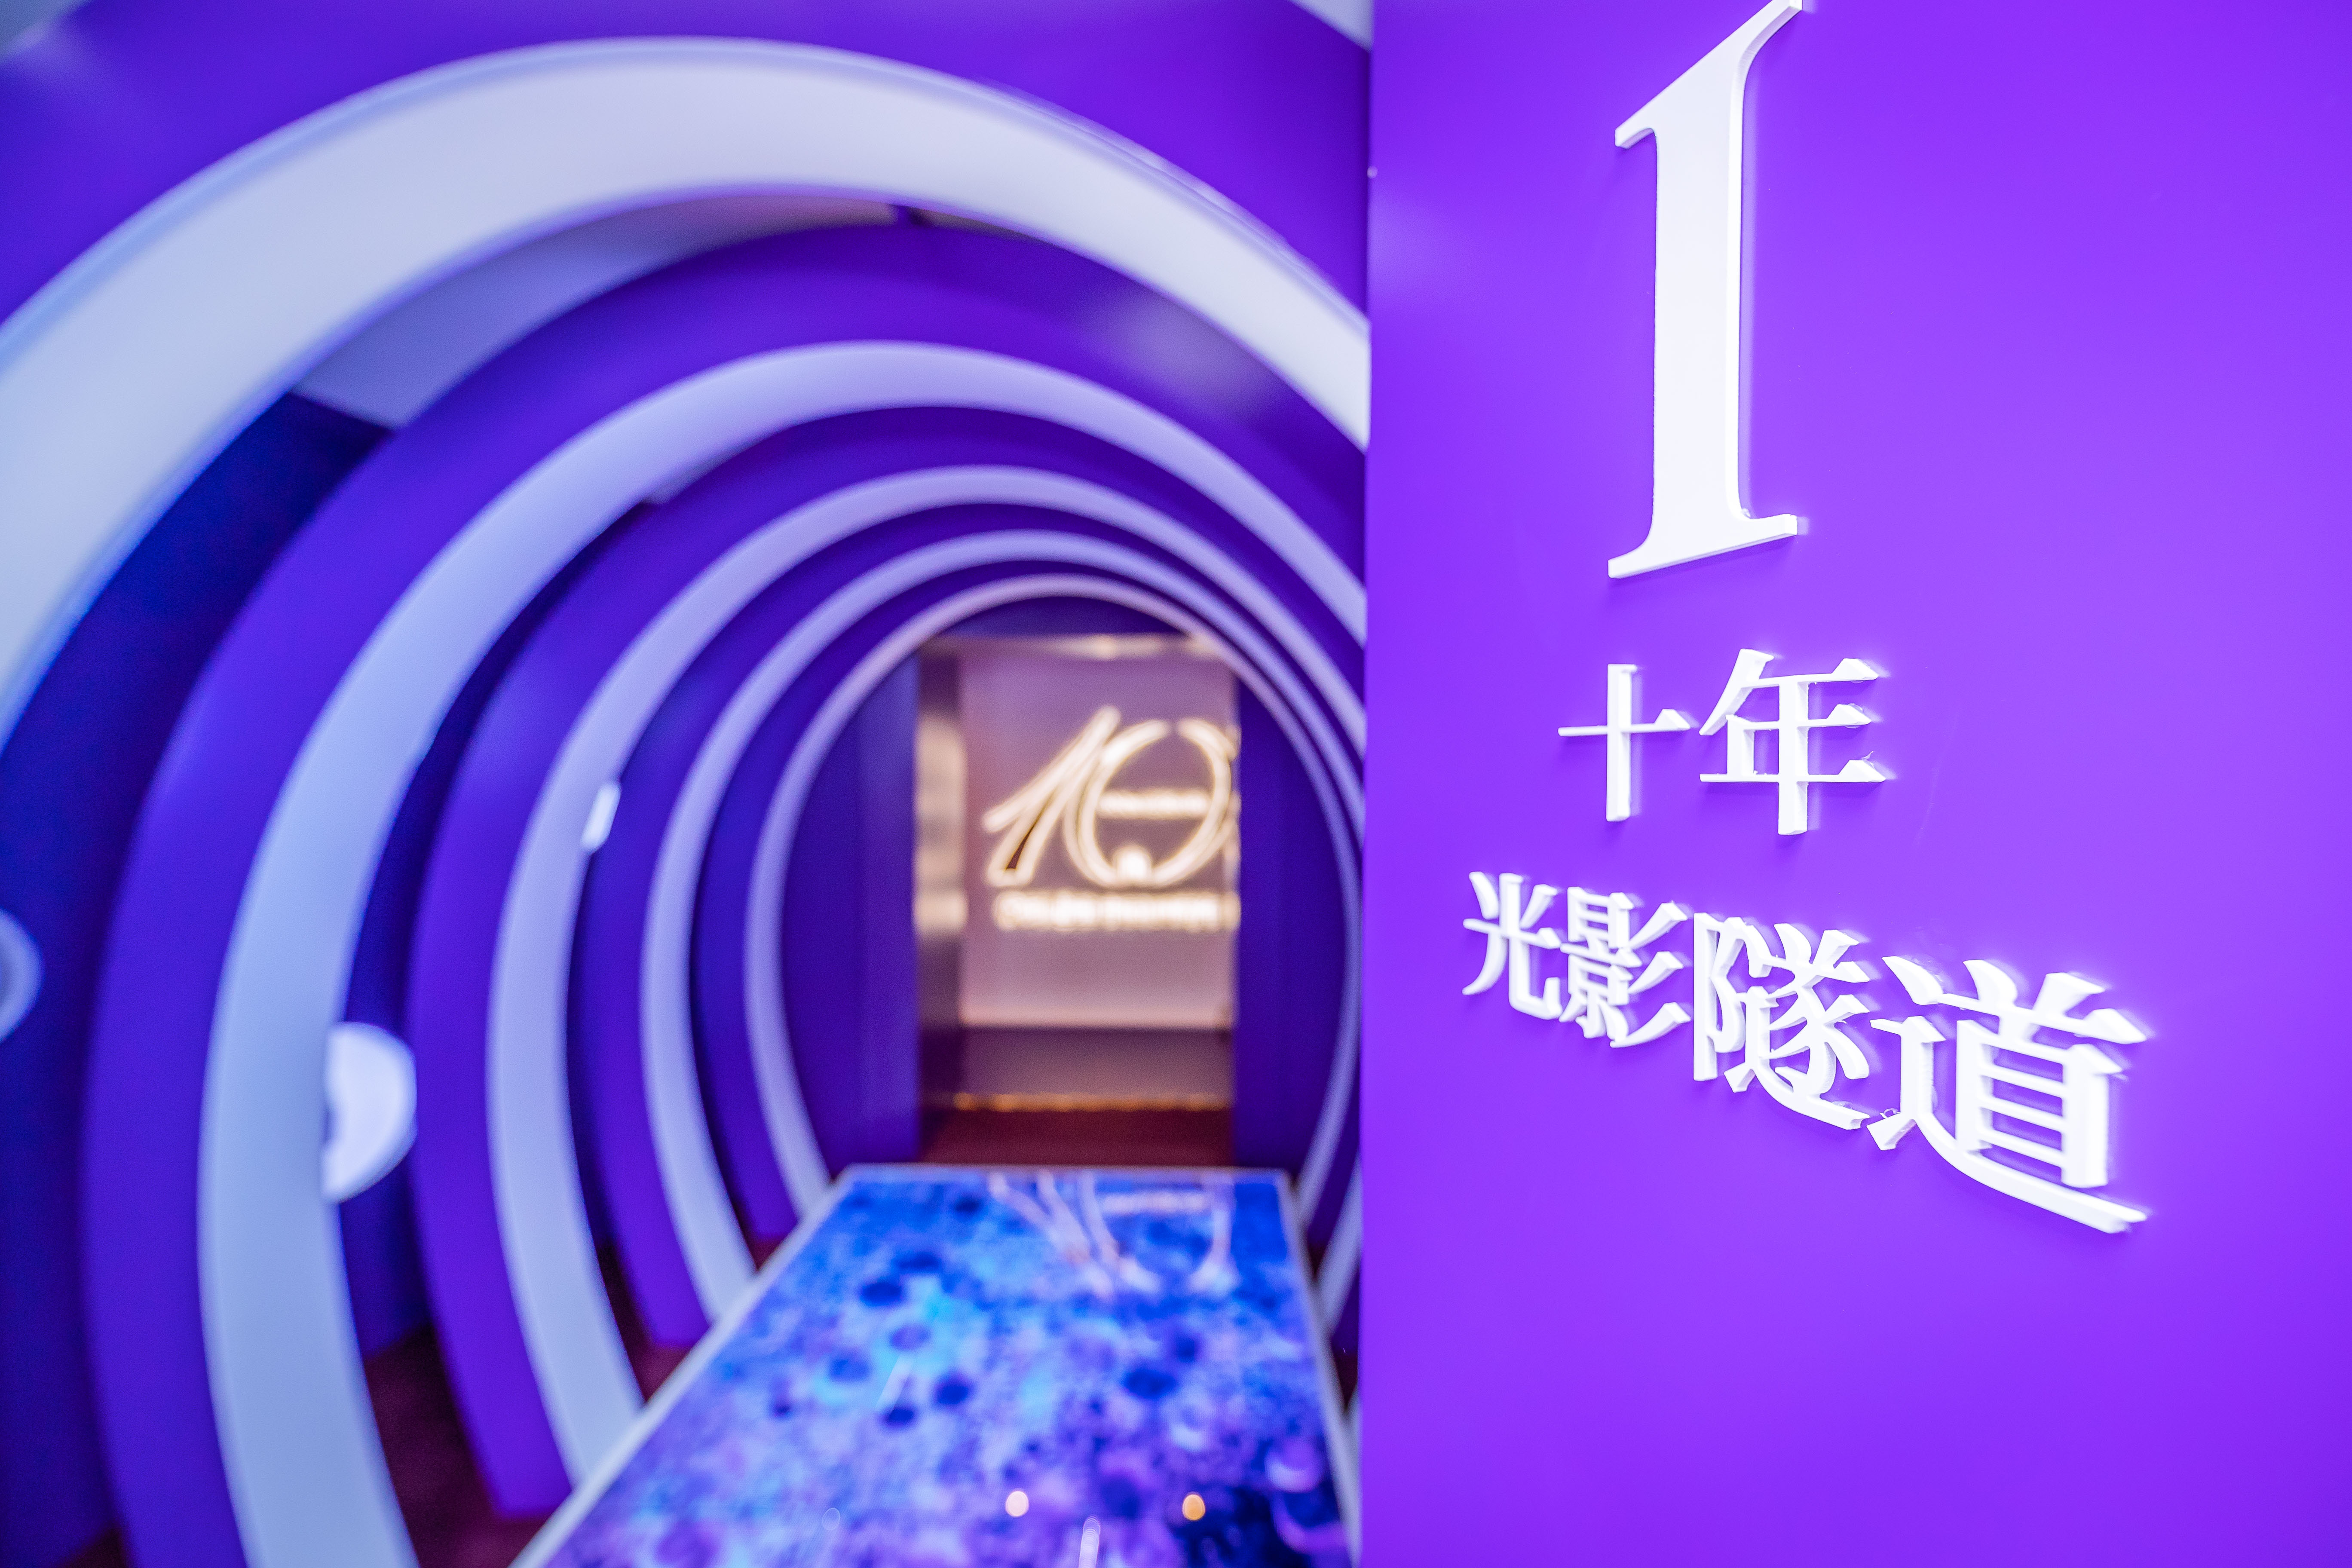 黛珂进驻中国10周年互动体验展